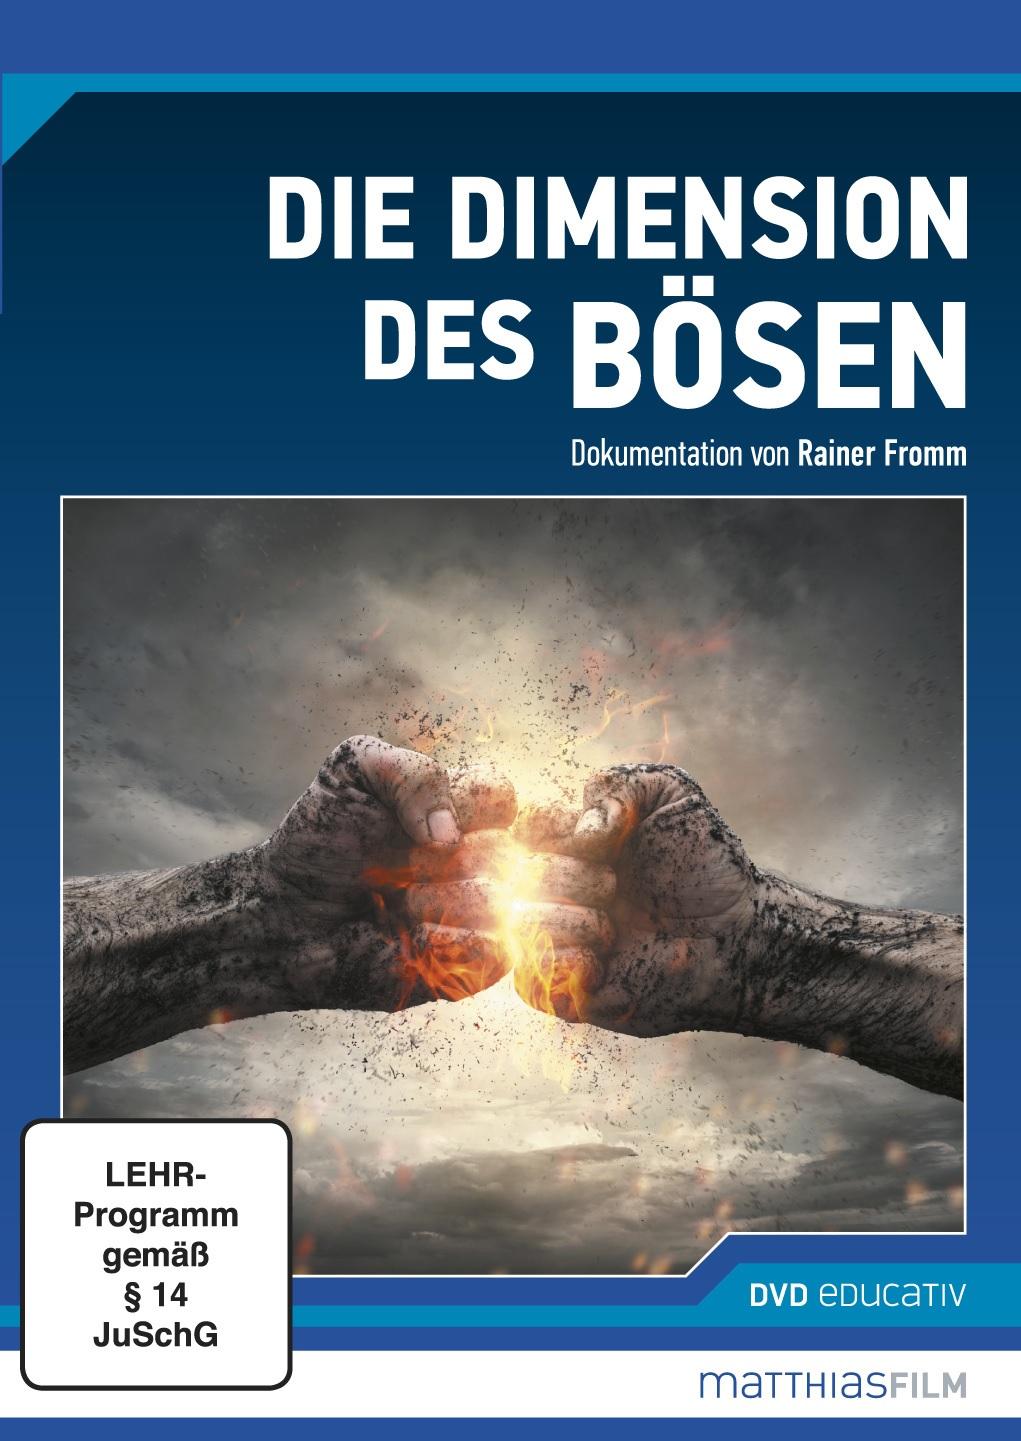 DIE DIMENSION DES BÖSEN - Matthias-Film